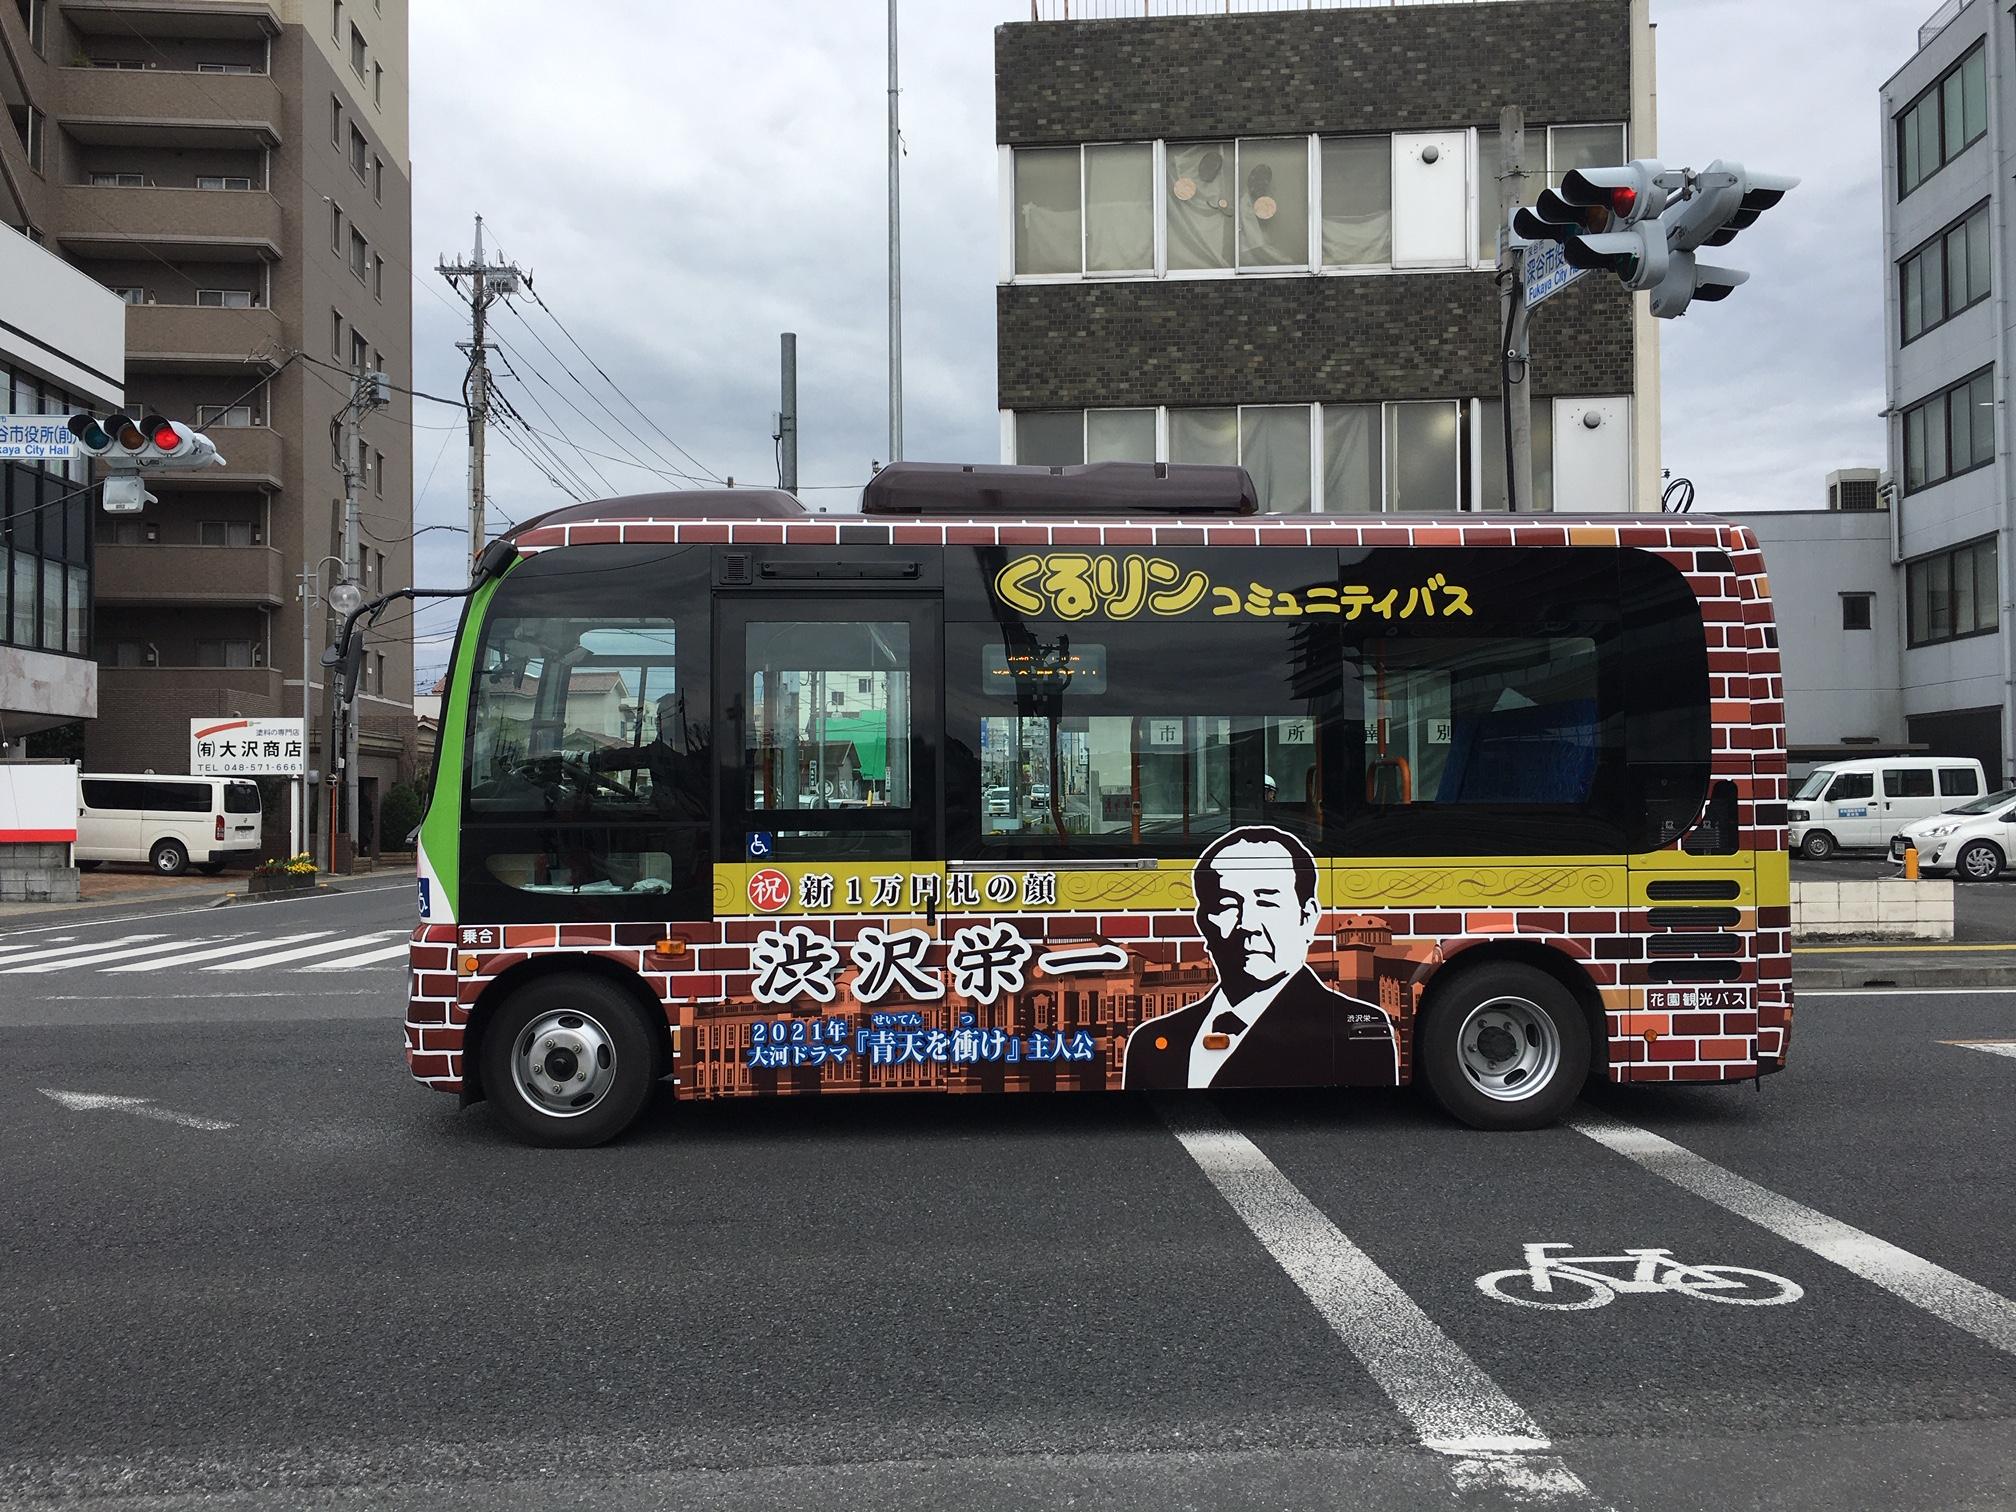 深谷市コミュニティバス「くるりん」渋沢栄一ラッピング版